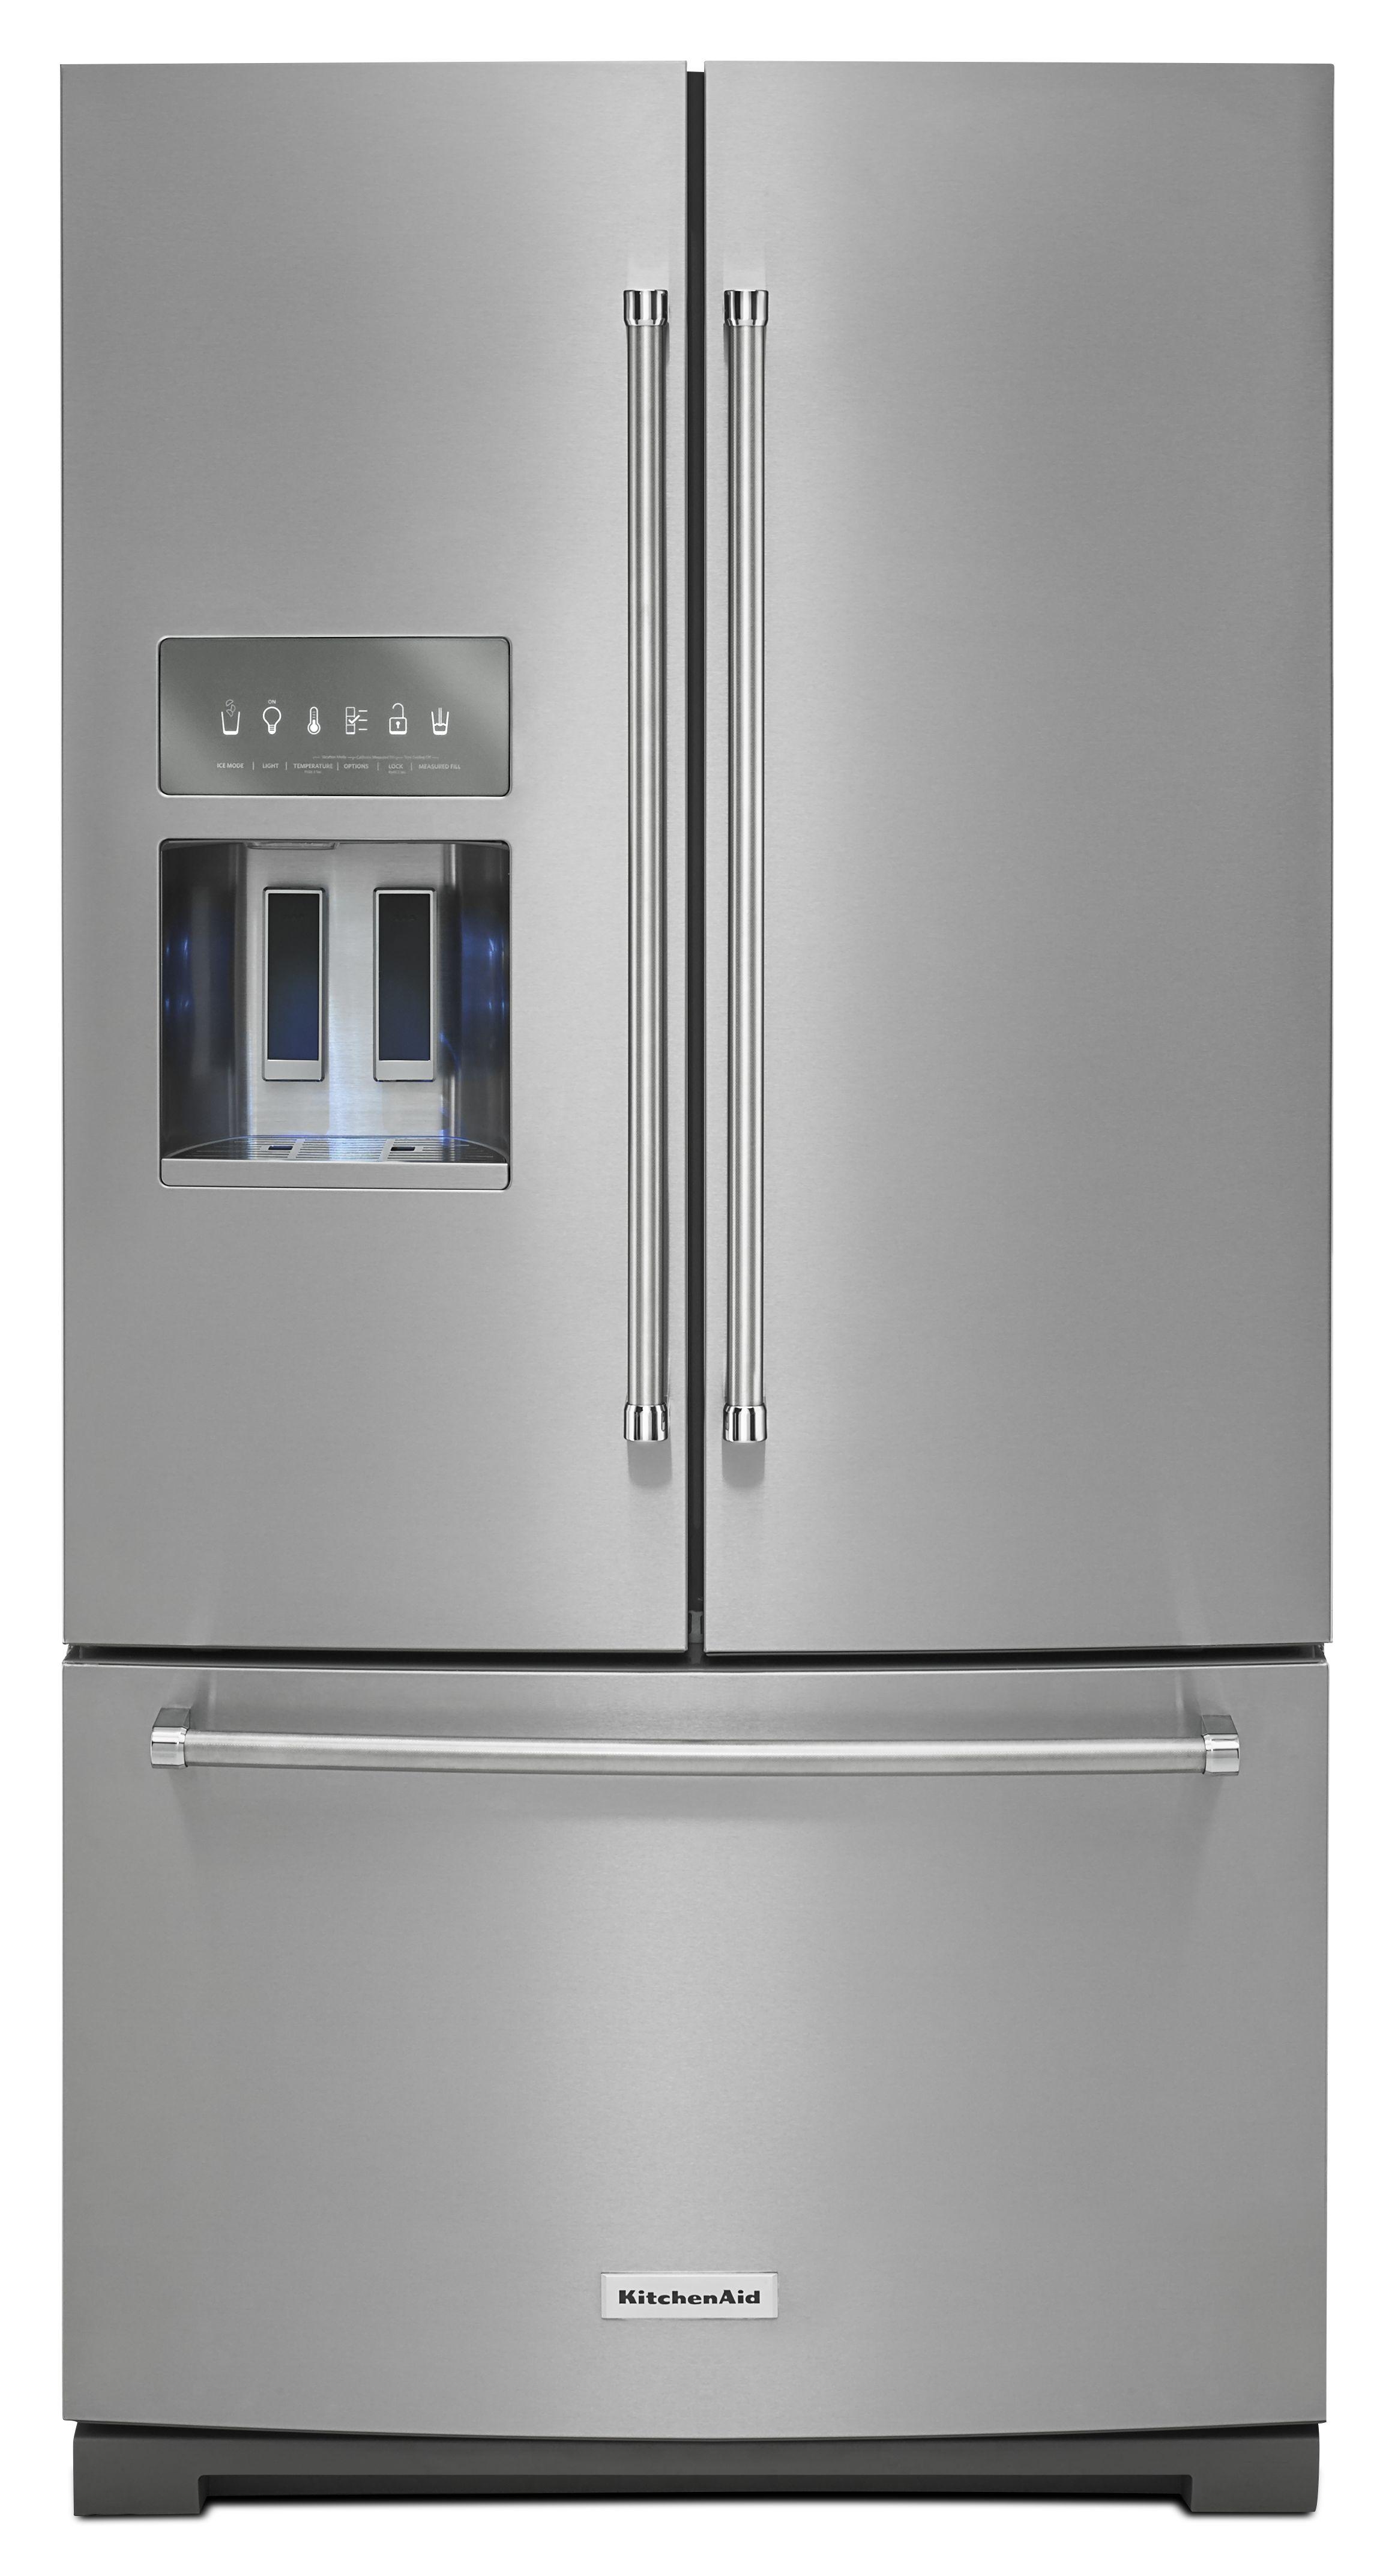 Kitchenaid 29 Cu Ft French Door Refrigerator Stainless Steel Krff707ess